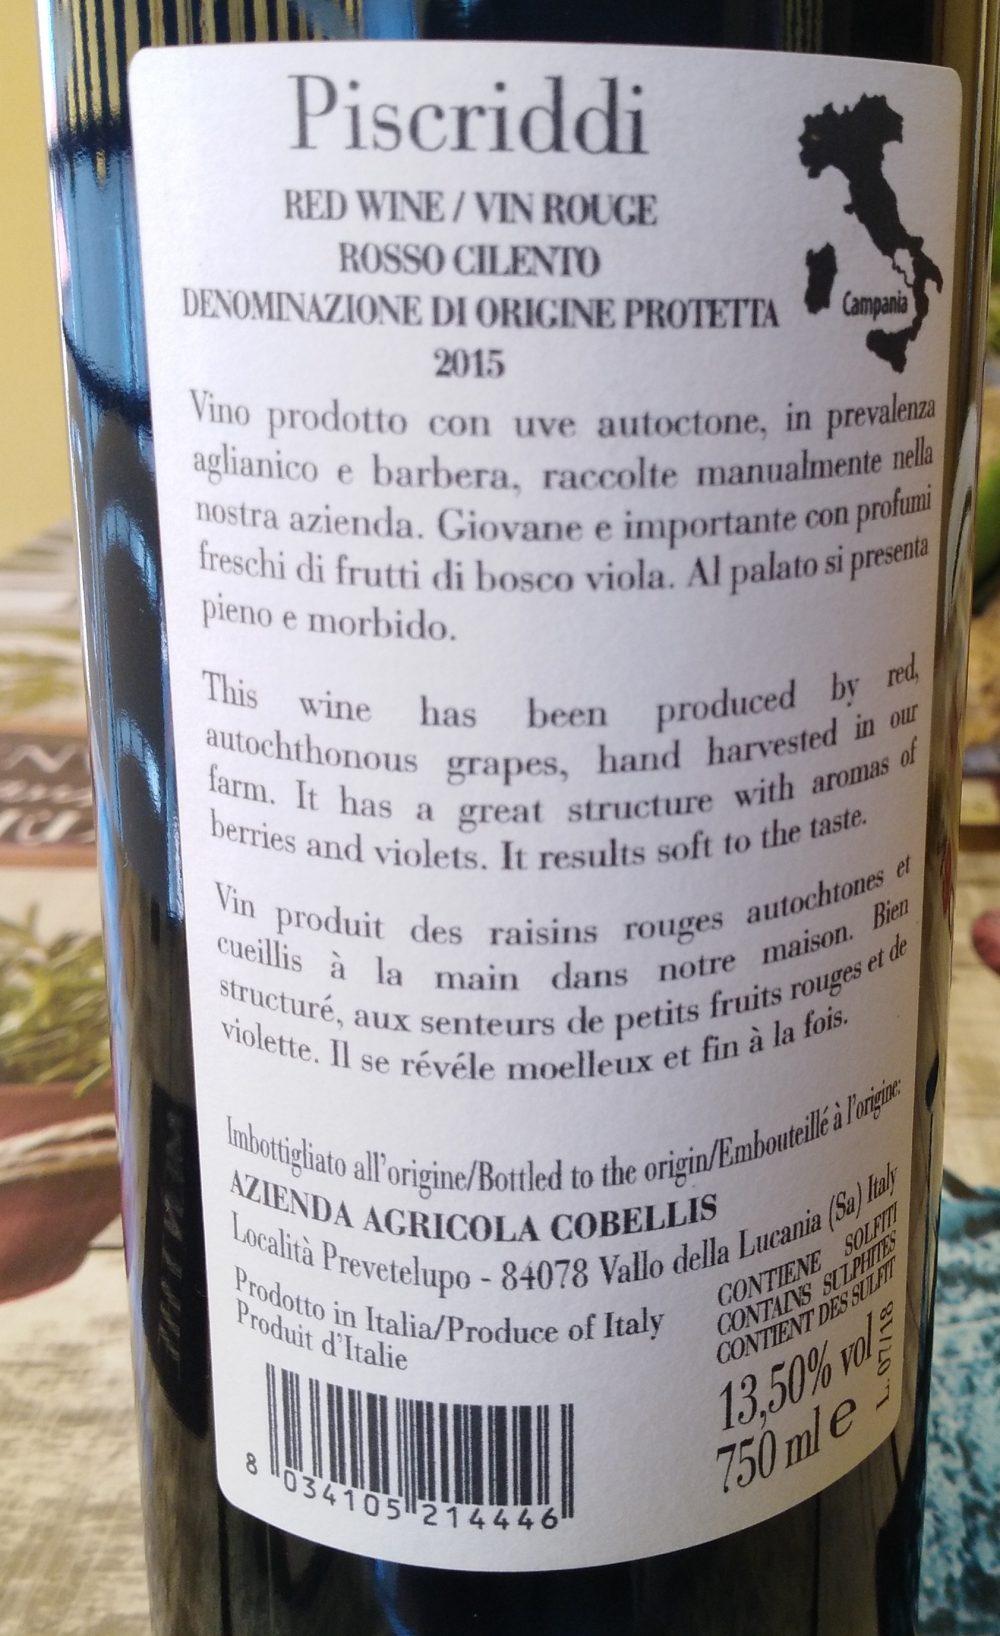 Controetichetta Piscriddi Rosso Cilento Dop 2015 Cobellis